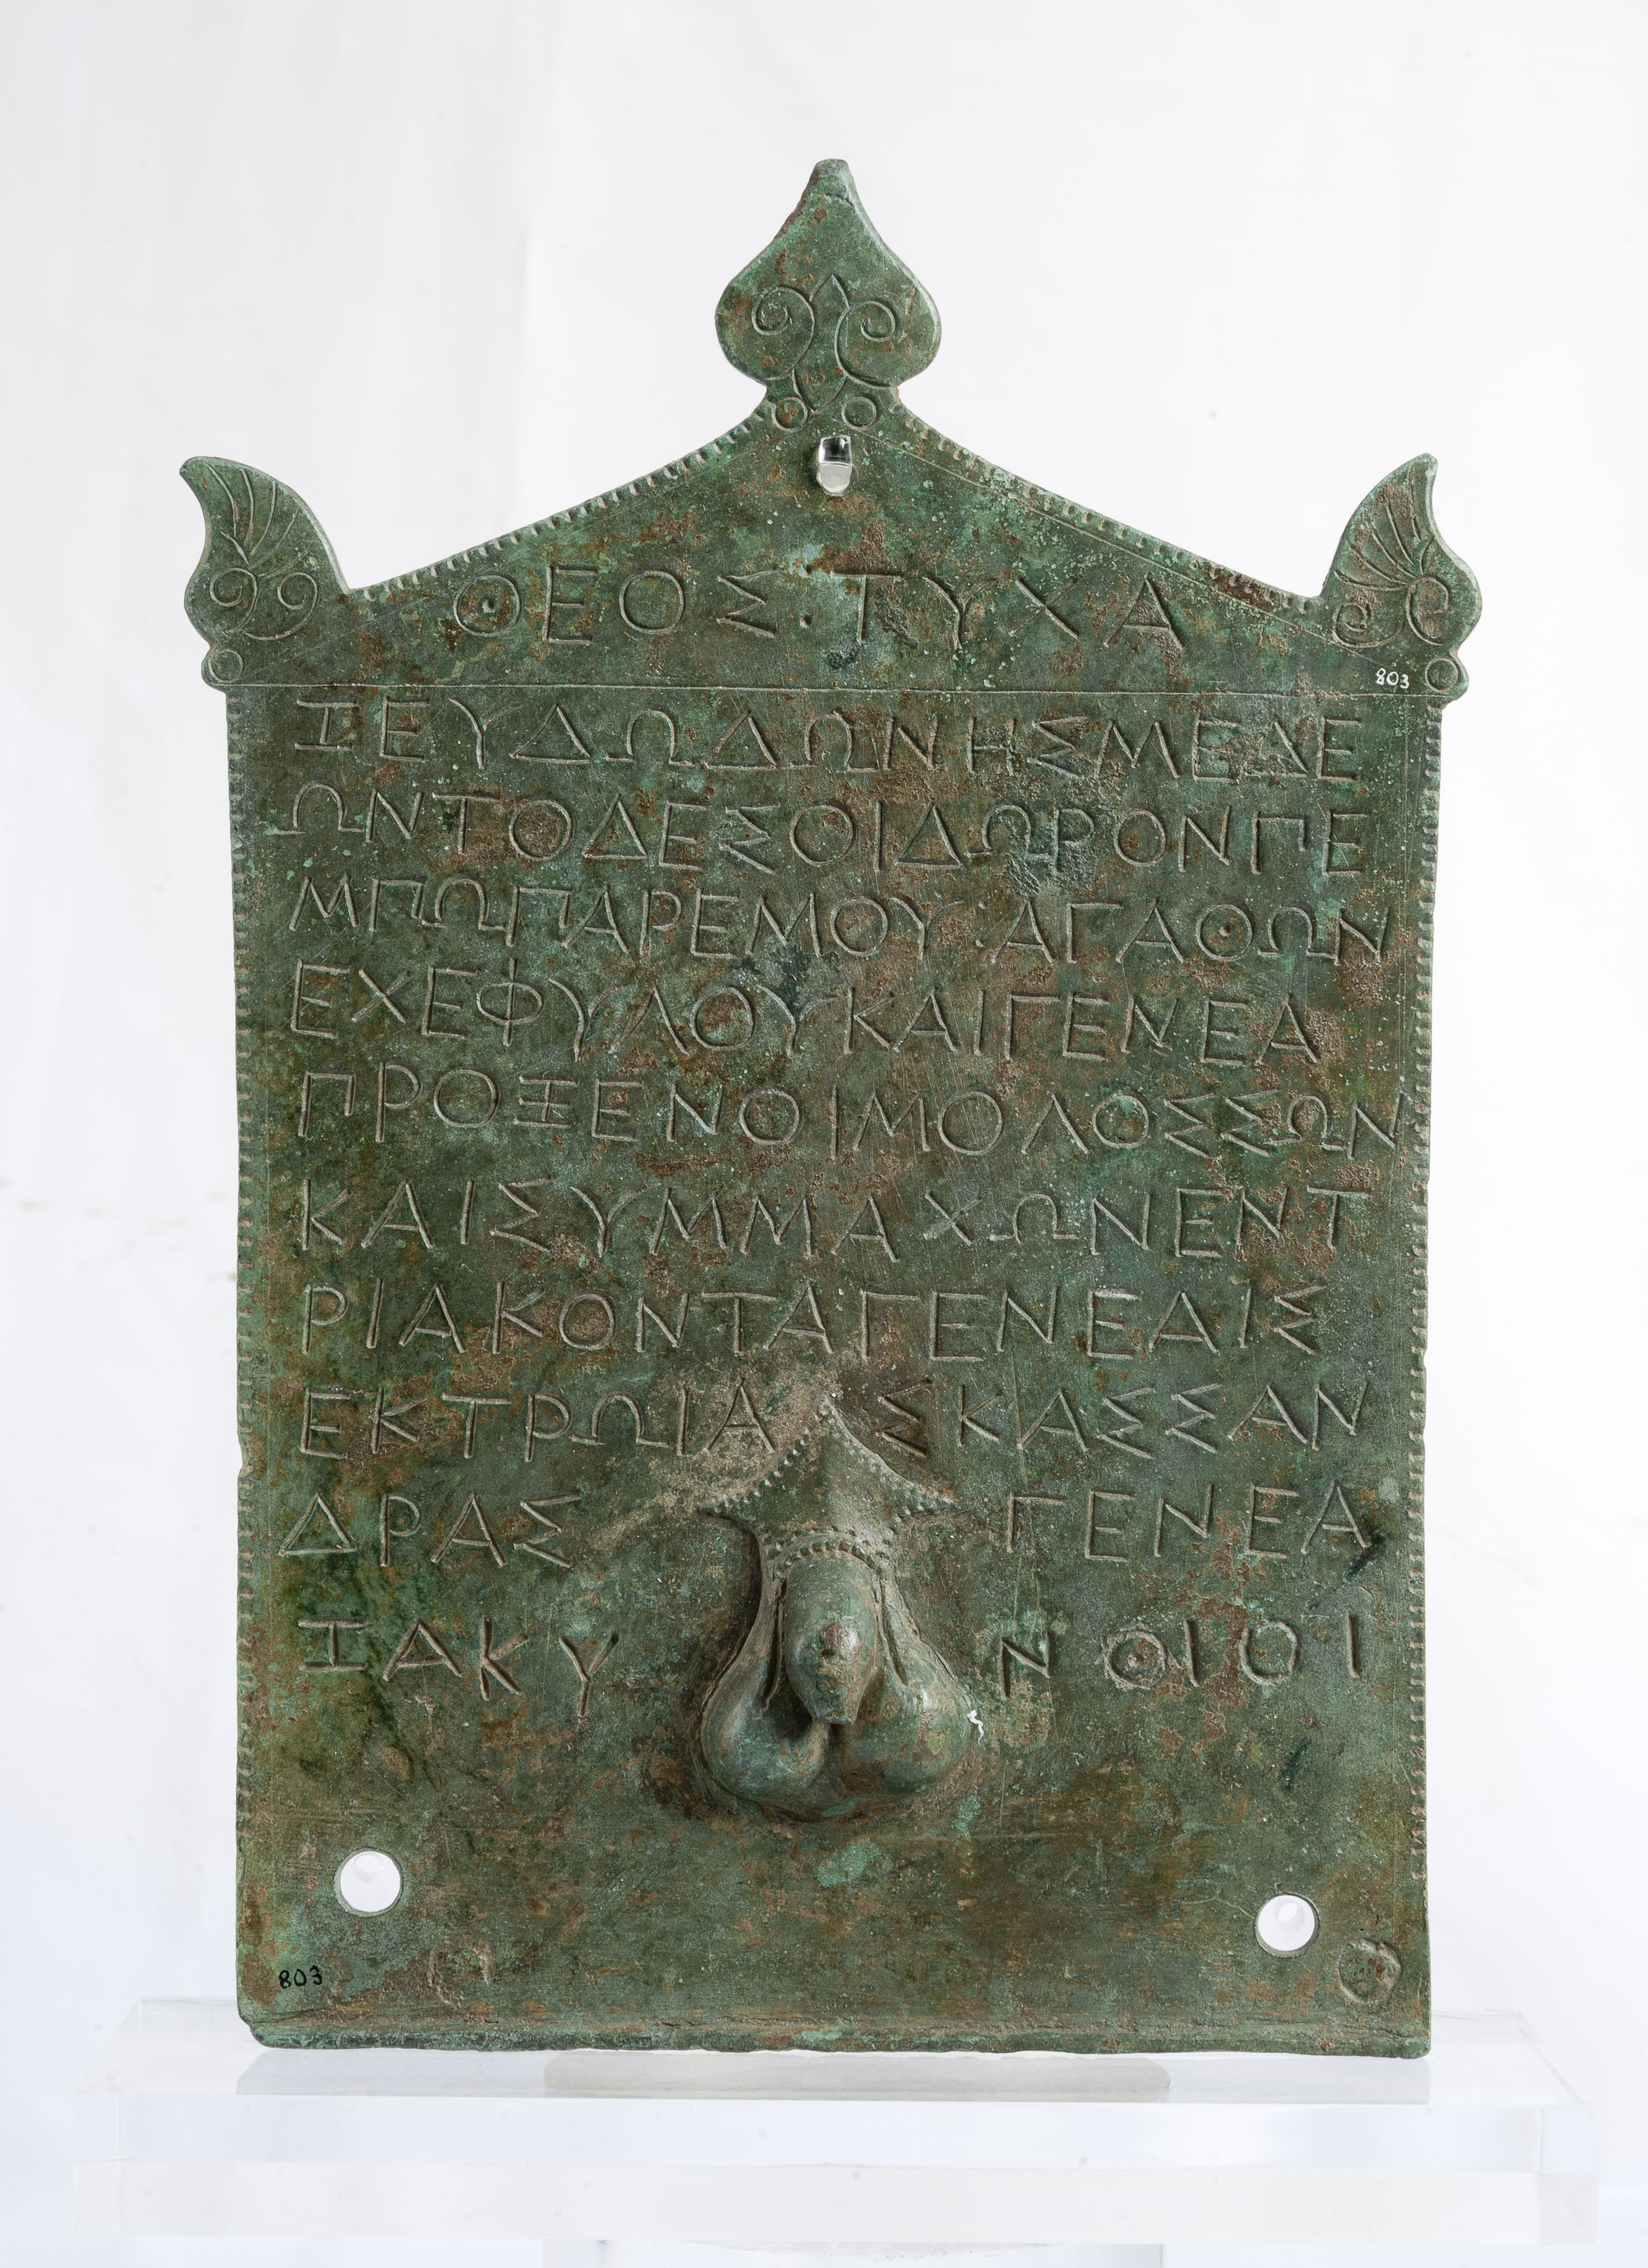 Επιγραφή σε χάλκινη πλάκα. Αναφέρει ότι ο Ζακύνθιος Αγάθων, γιος του Εχεφύλου και η γενιά του, πρόξενοι των Μολοσσών, αναθέτουν δώρο στον Δωδωναίο Δία. 334-330 ή 325-275 π.Χ.